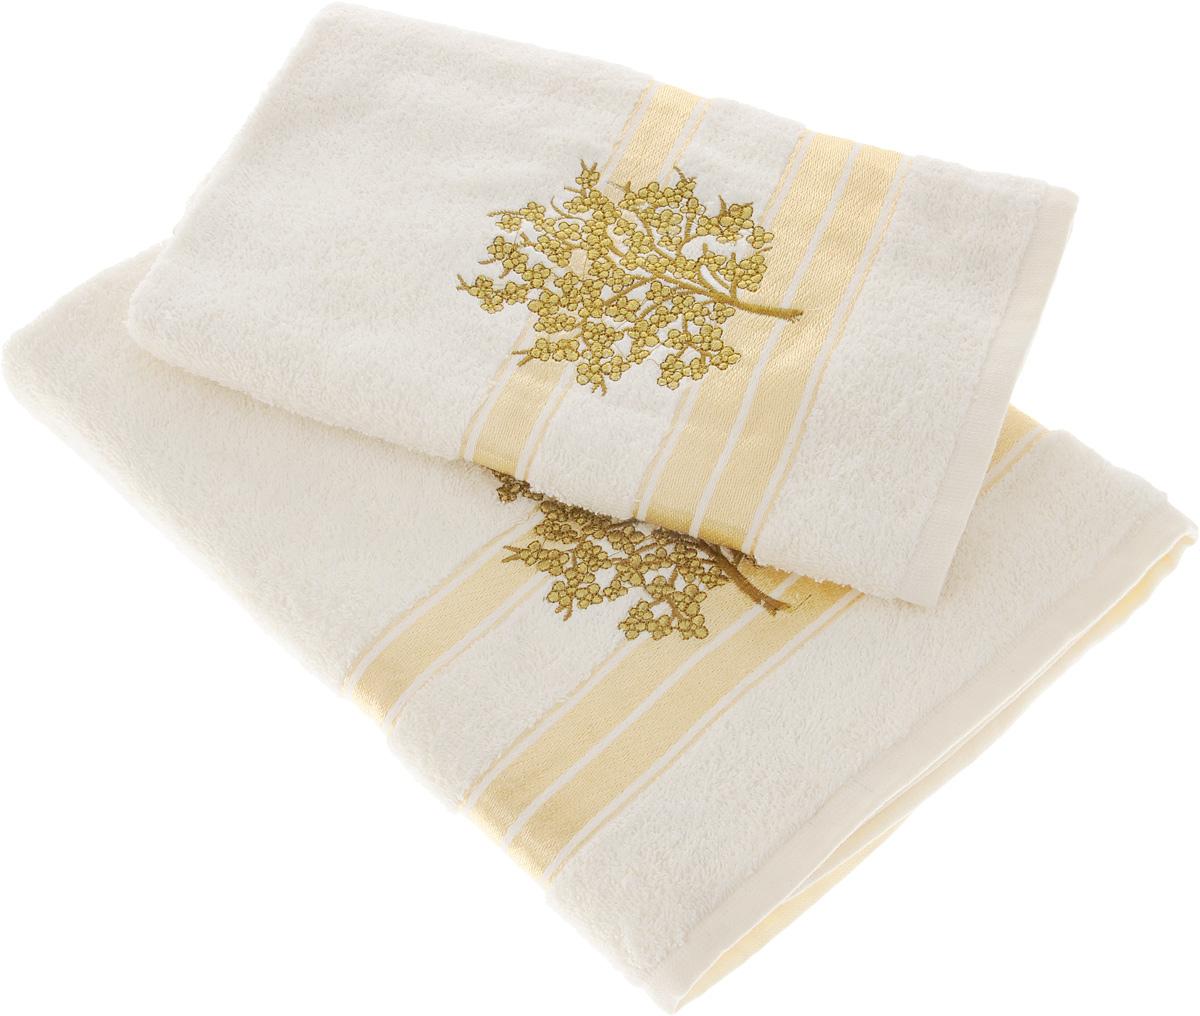 Набор полотенец Tete-a-Tete Золотое дерево, 2 штУНП-102-01Набор Tete-a-Tete Золотое дерево состоит из двух махровых полотенец, выполненных из натурального 100% хлопка. Линейка Золотое дерево декорирована вышивкой веточки сакуры. Изделия мягкие, отлично впитывают влагу, быстро сохнут, сохраняют яркость цвета и не теряют форму даже после многократных стирок. Полотенца Tete-a-Tete Золотое дерево очень практичны и неприхотливы в уходе. Они легко впишутся в любой интерьер благодаря своей нежной цветовой гамме.